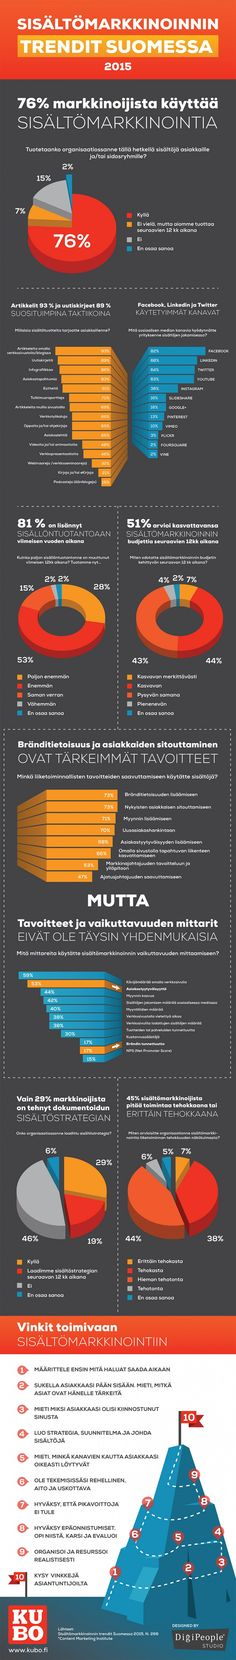 Sisaltomarkkinoinnin trendit Suomessa 2015 infograafi